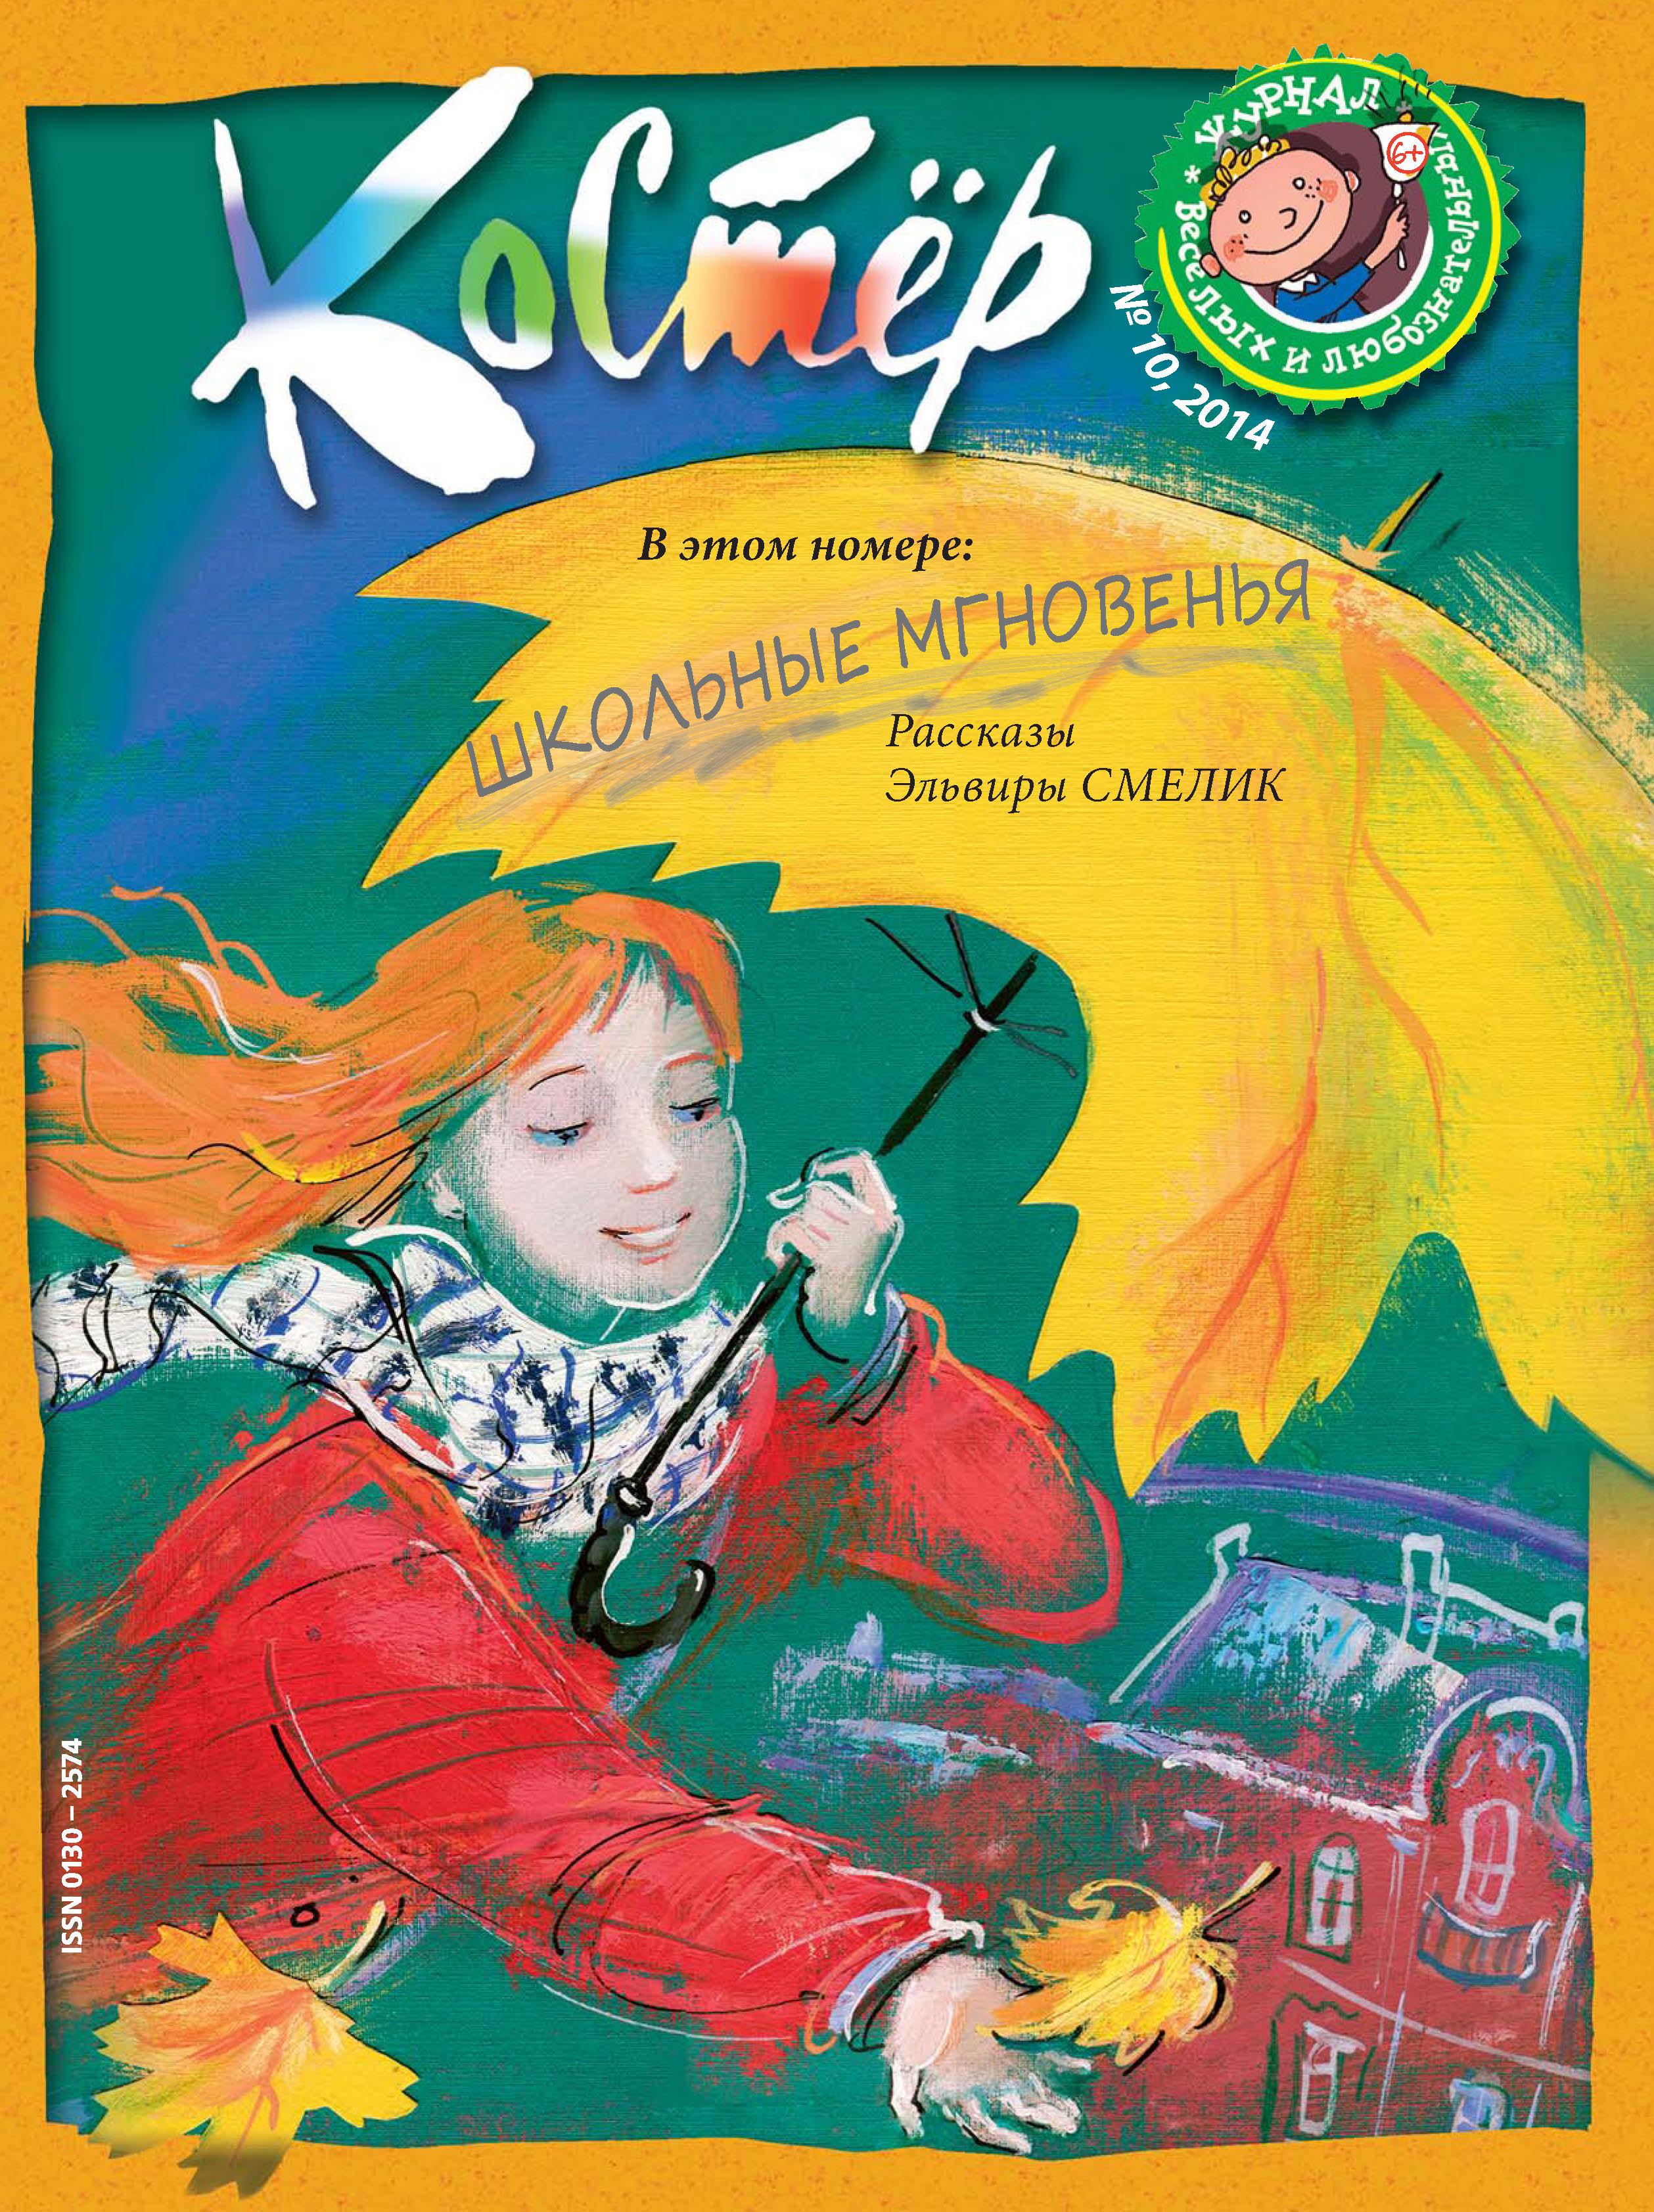 Отсутствует Журнал «Костёр» №10/2014 отсутствует журнал костёр 08 2014